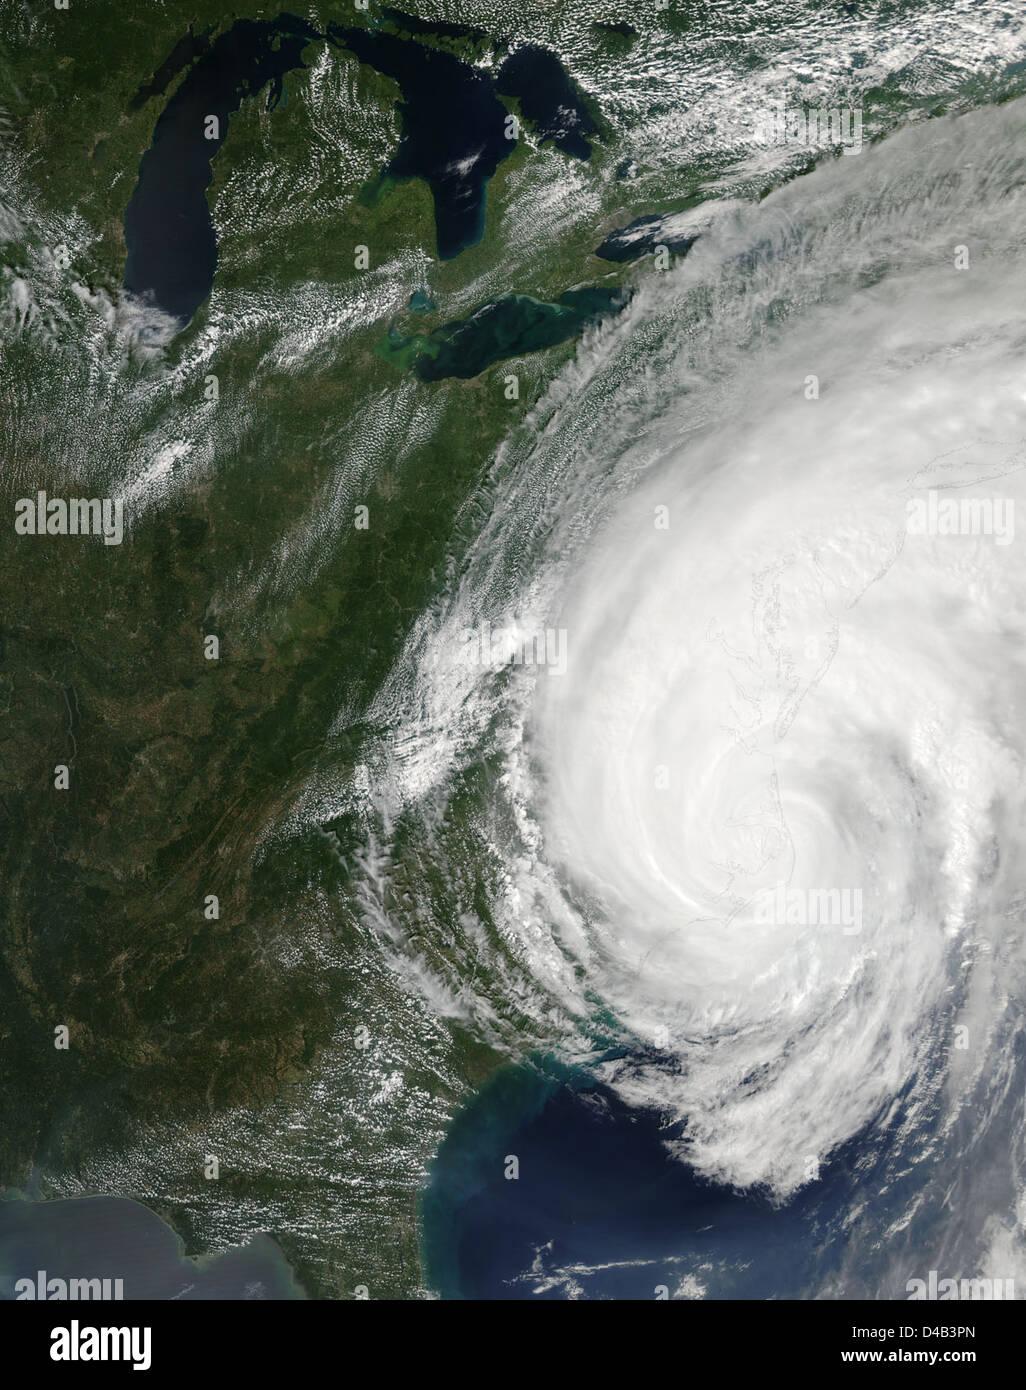 L'ouragan Irene sur la côte est des États-Unis Photo Stock